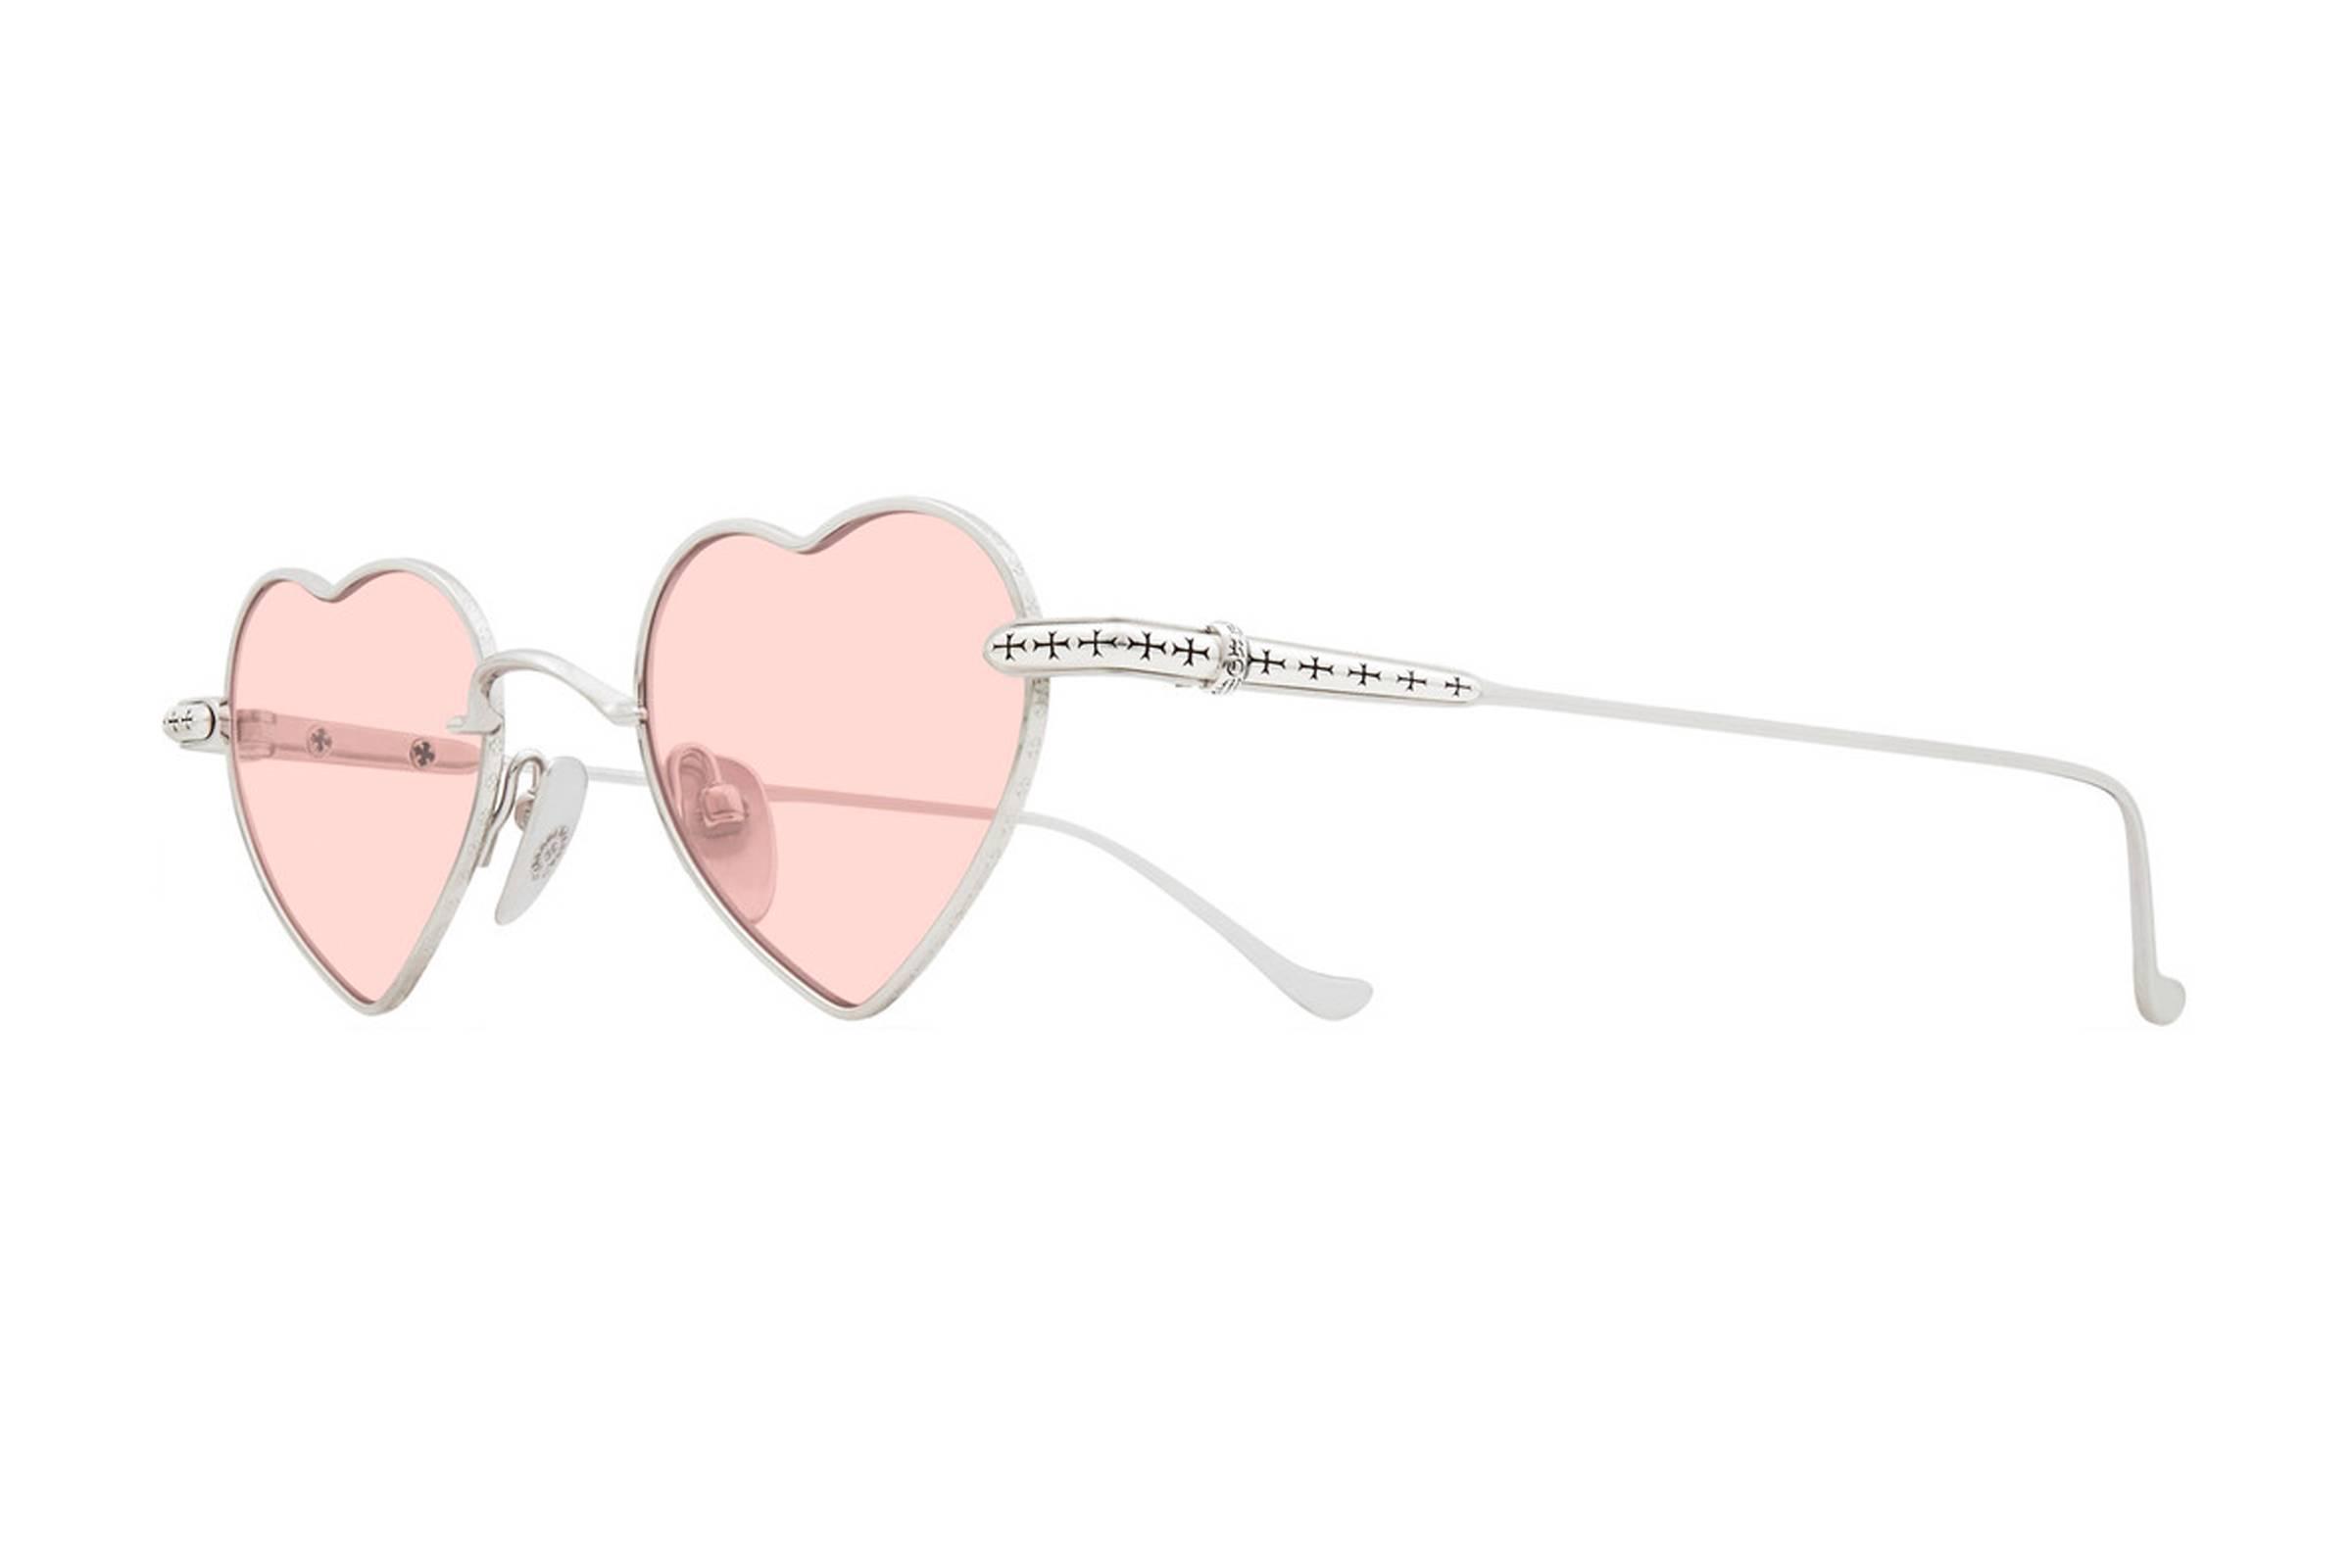 Chrome Hearts Heart-Shaped Sunglasses